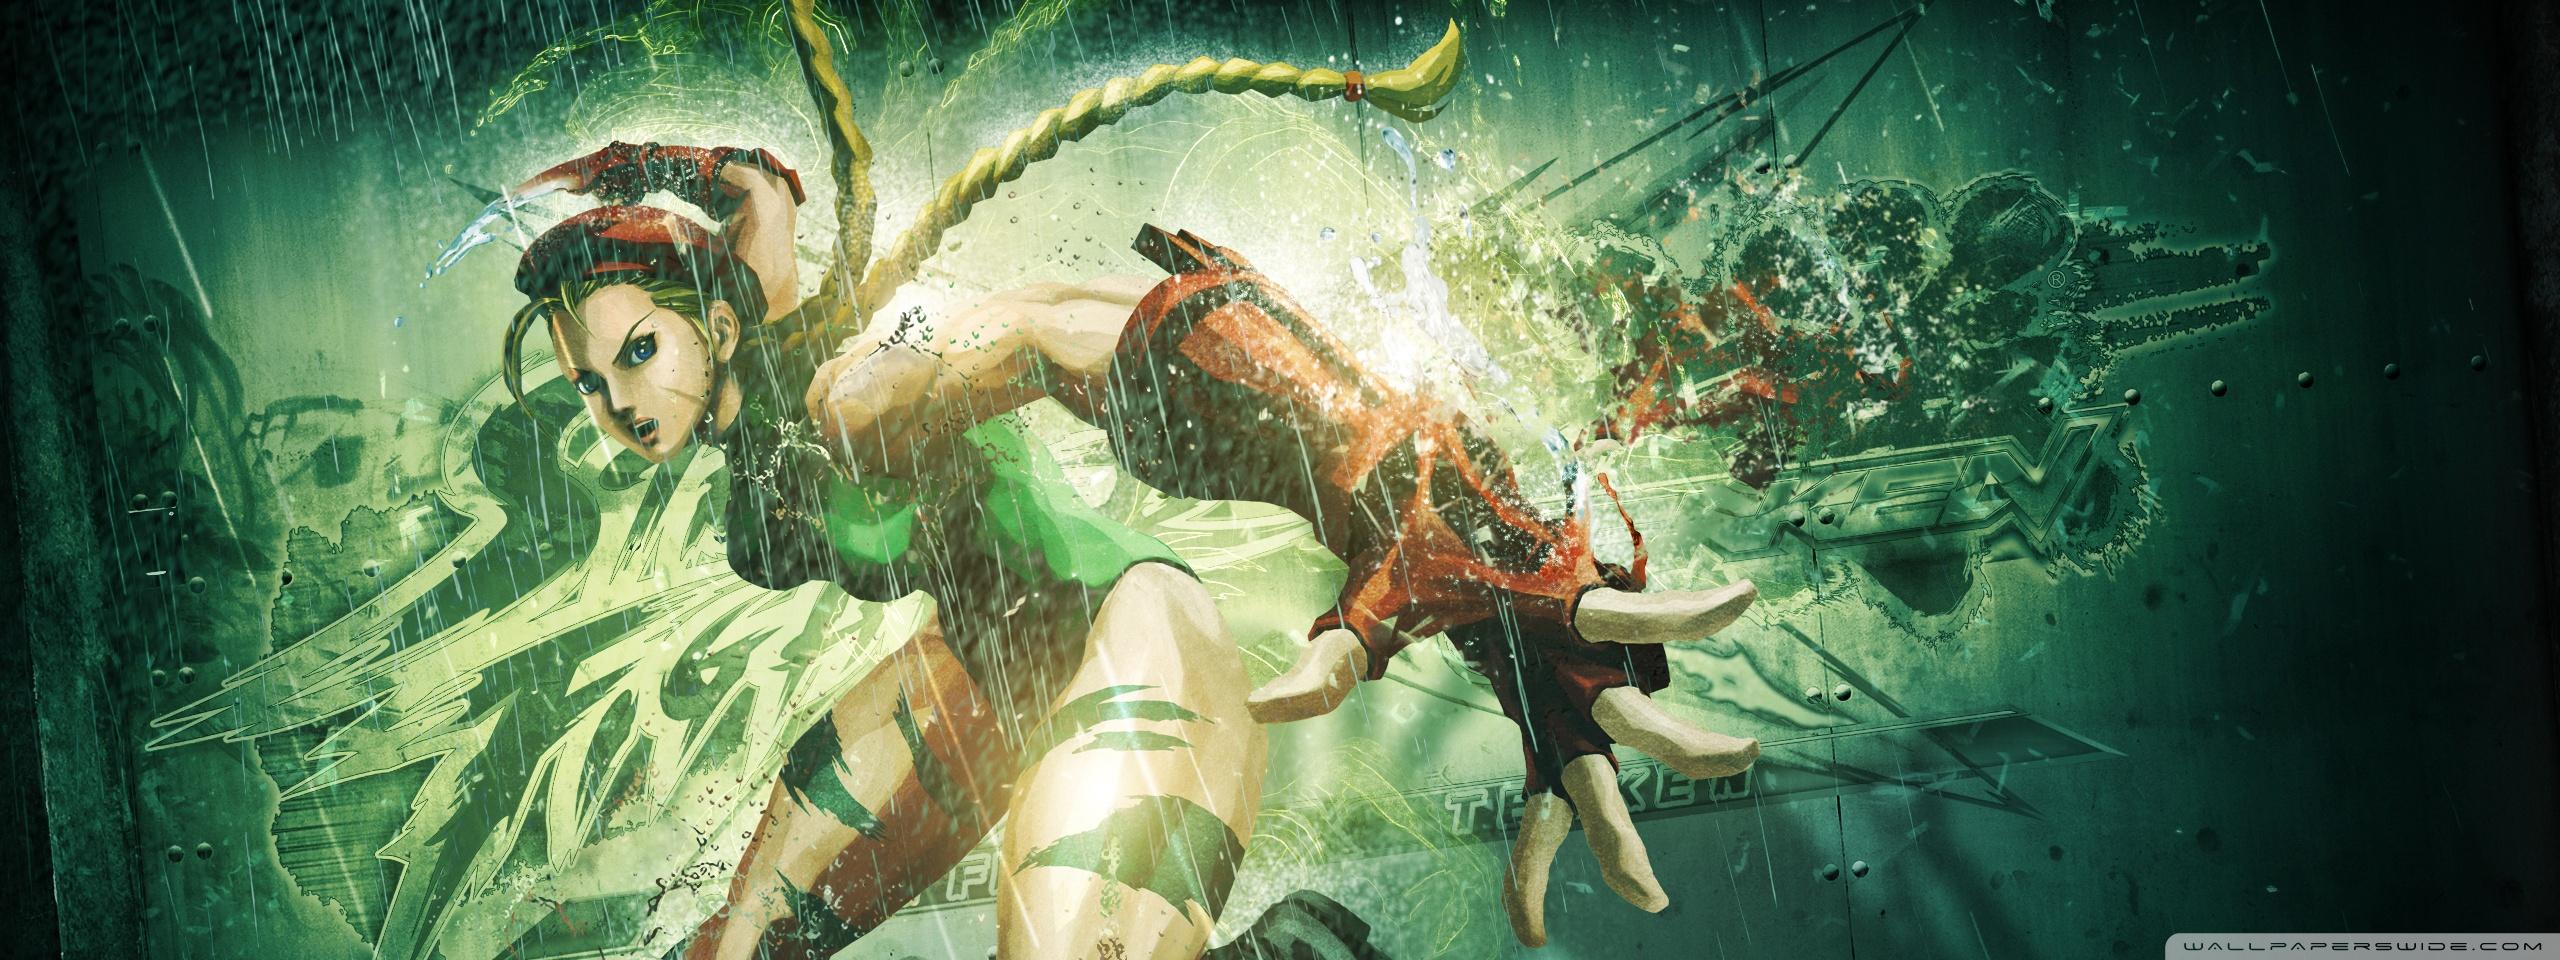 Street Fighter X Tekken (2012) Cammy HD desktop wallpaper : High